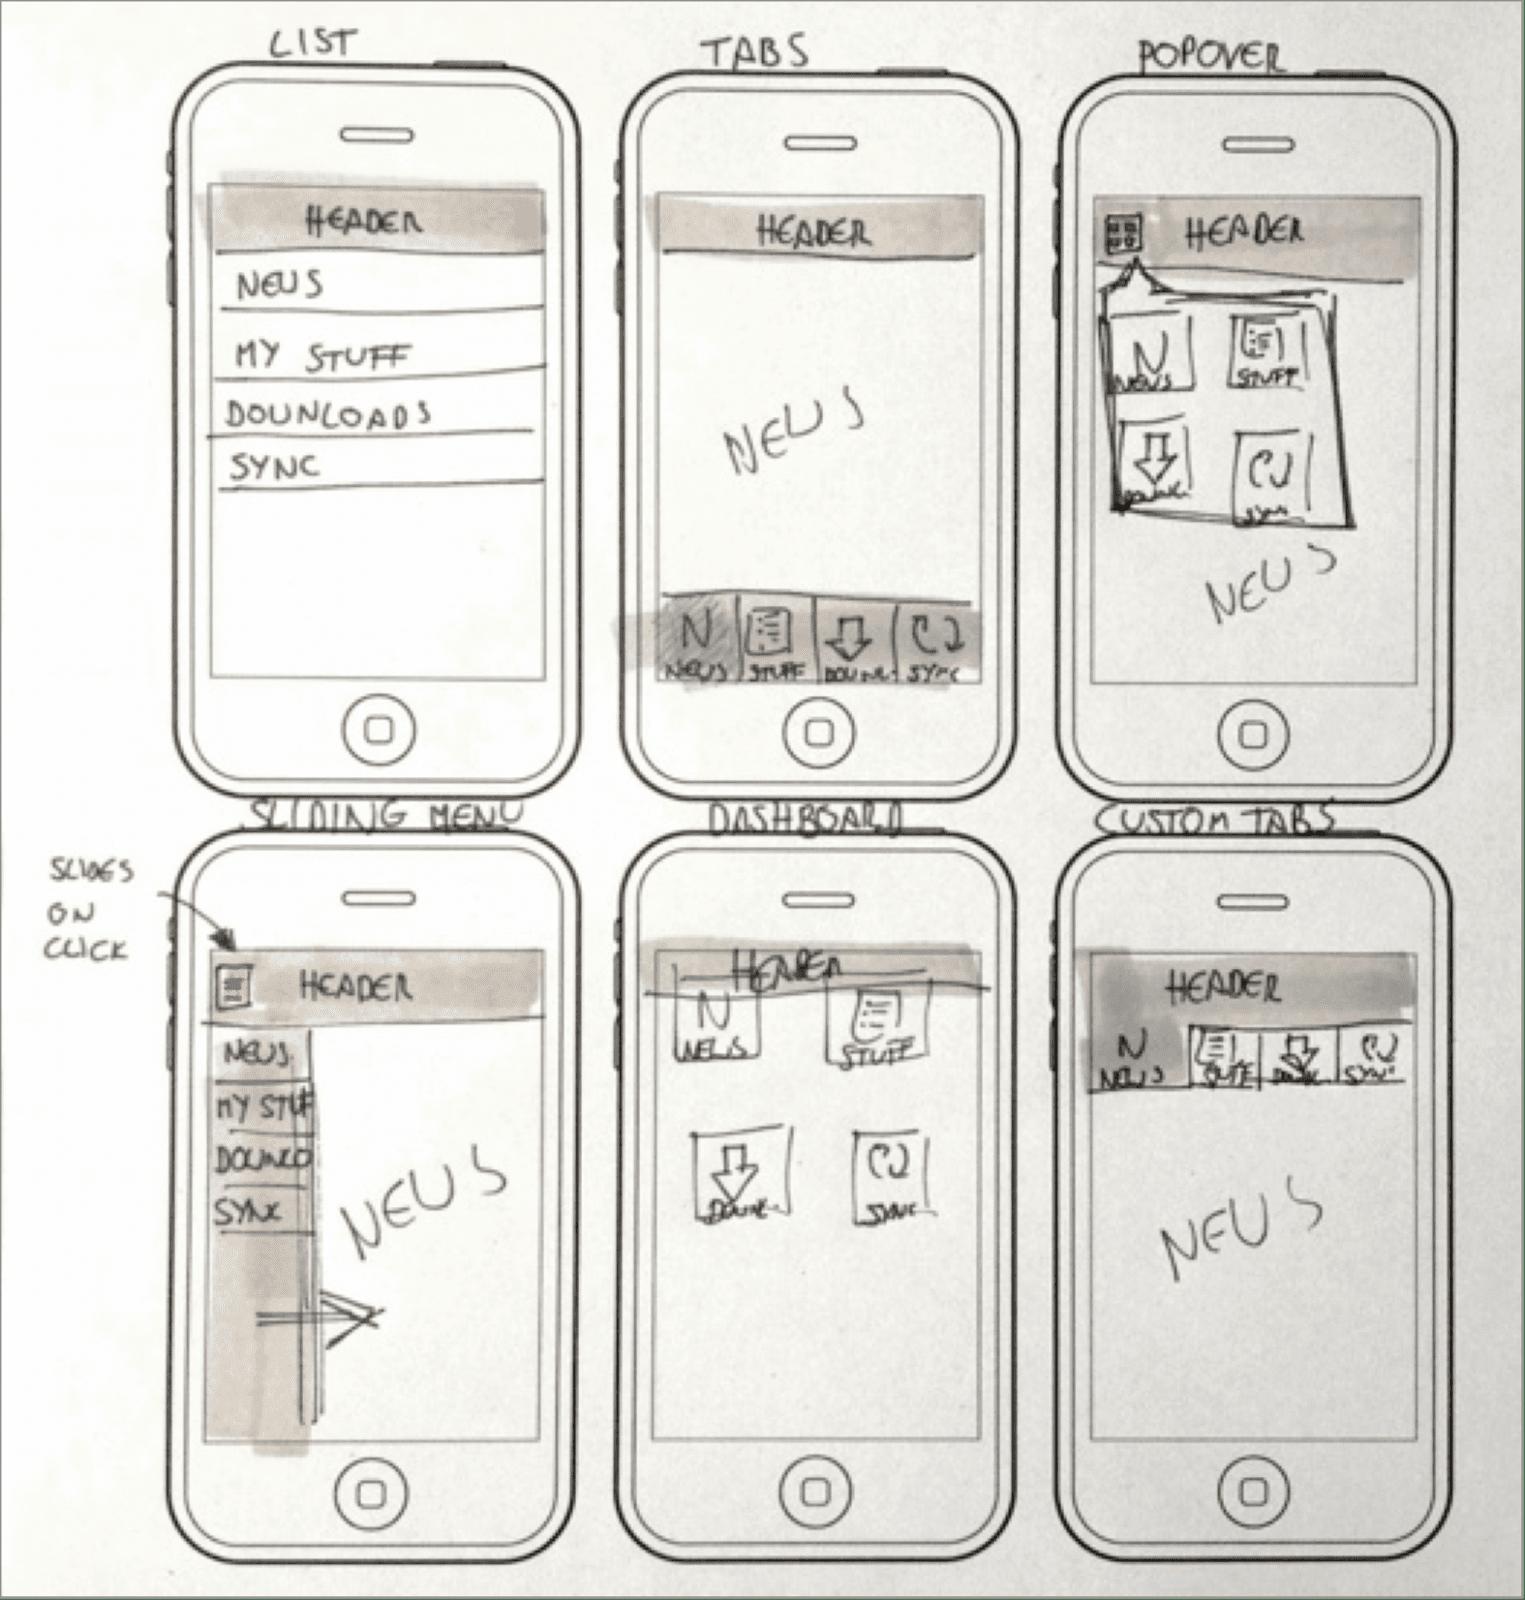 Mobile App Guide